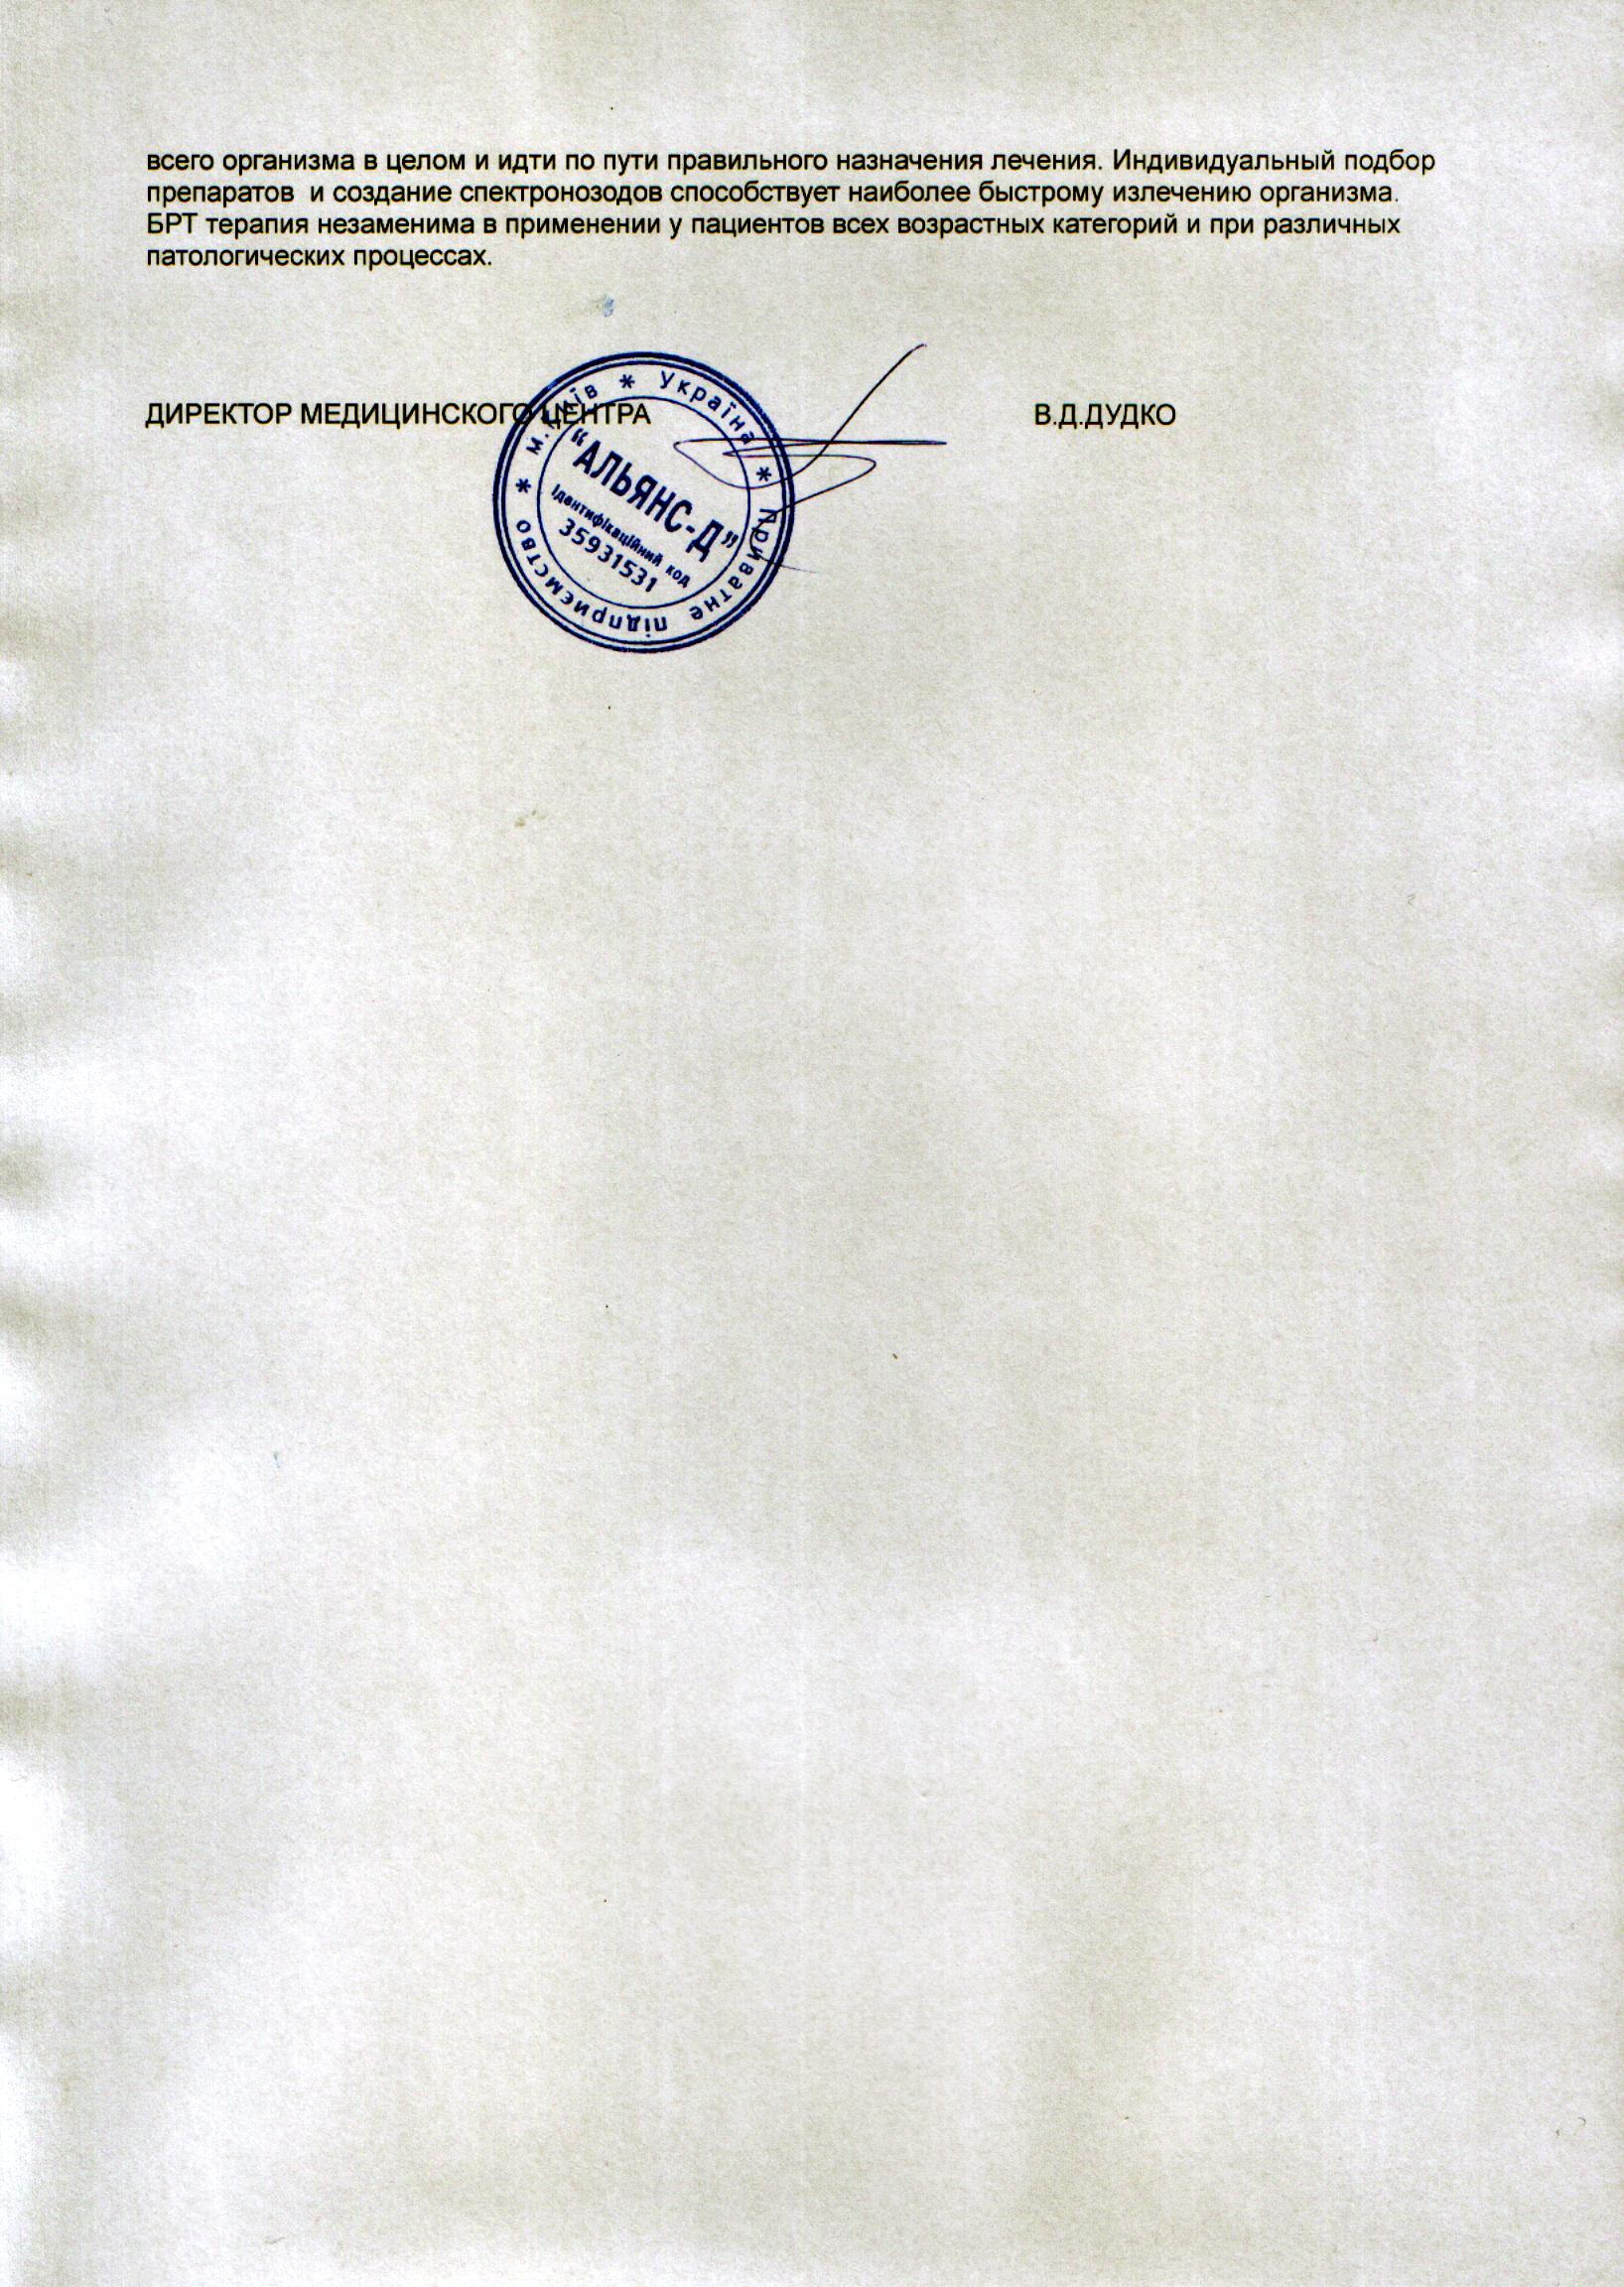 Поликлиника 46 москва расписание работы врачей